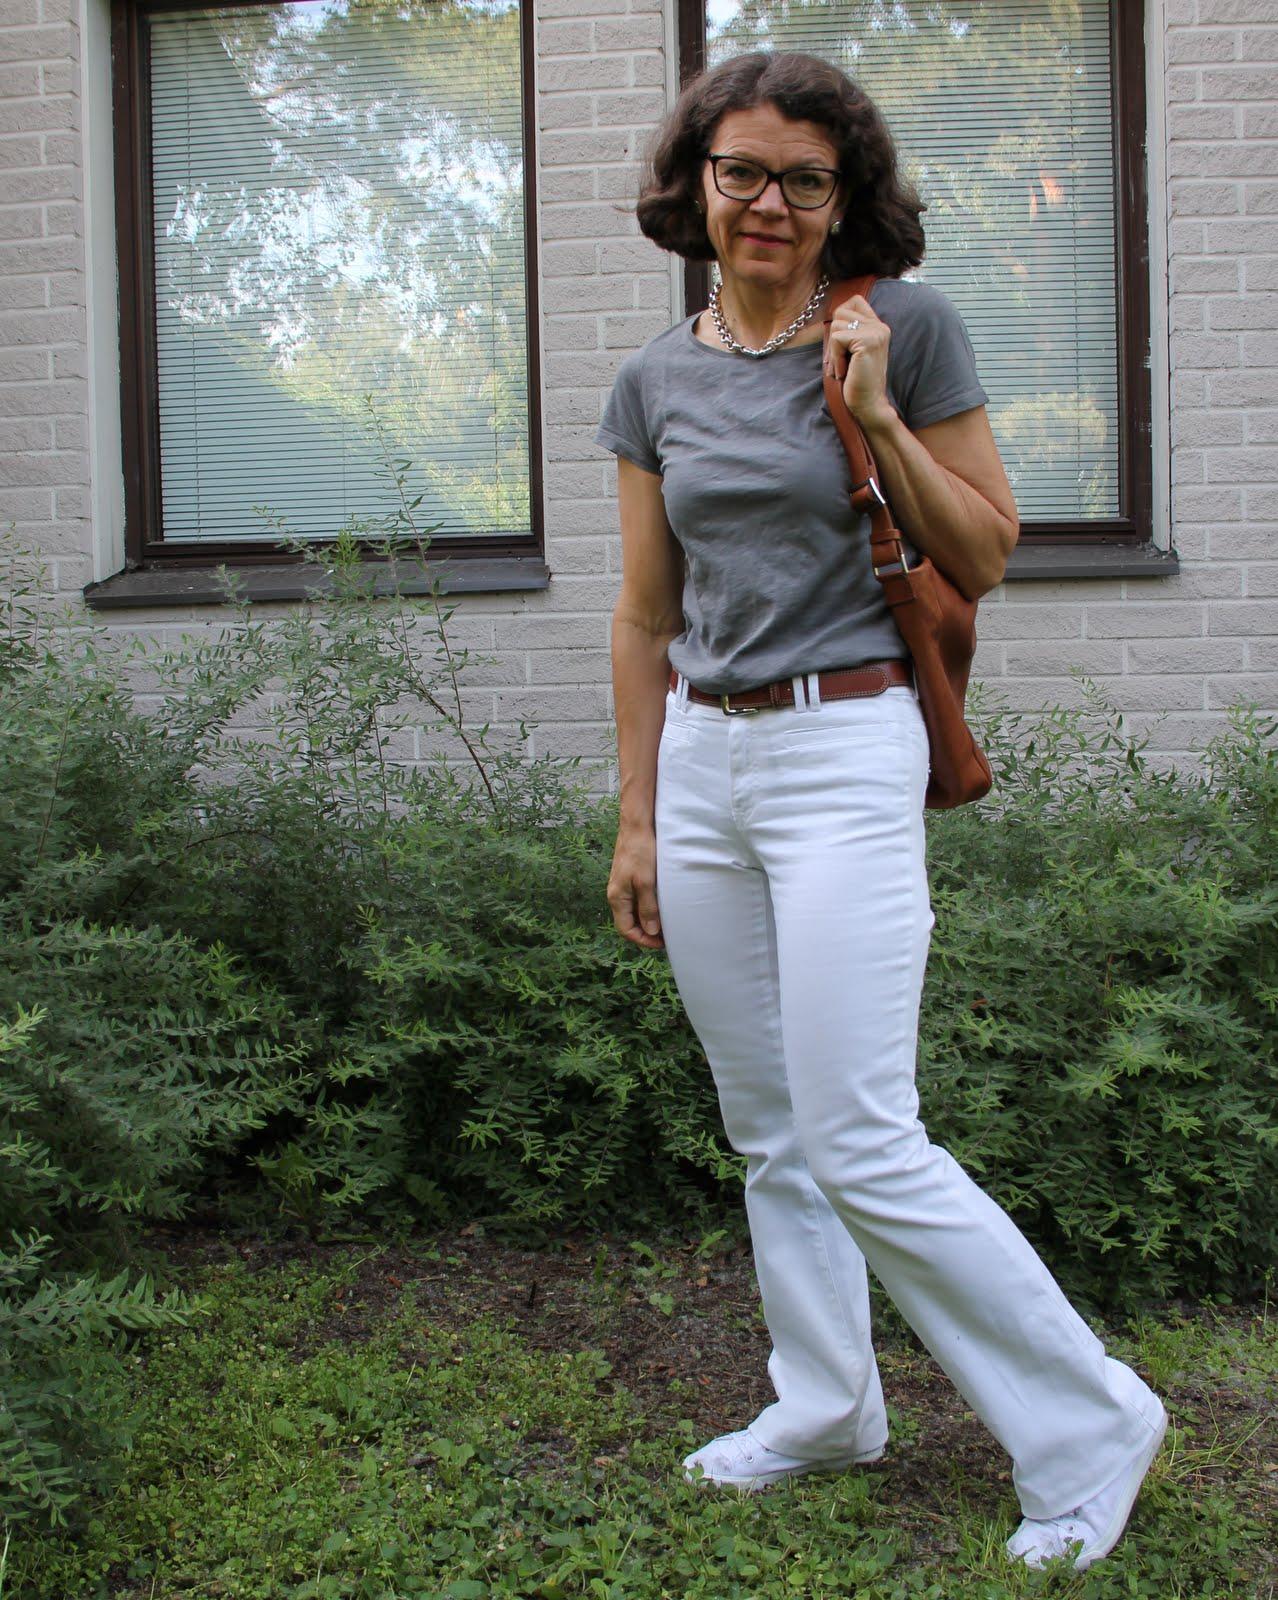 50 Vuotiaan naisen pukeutuminen